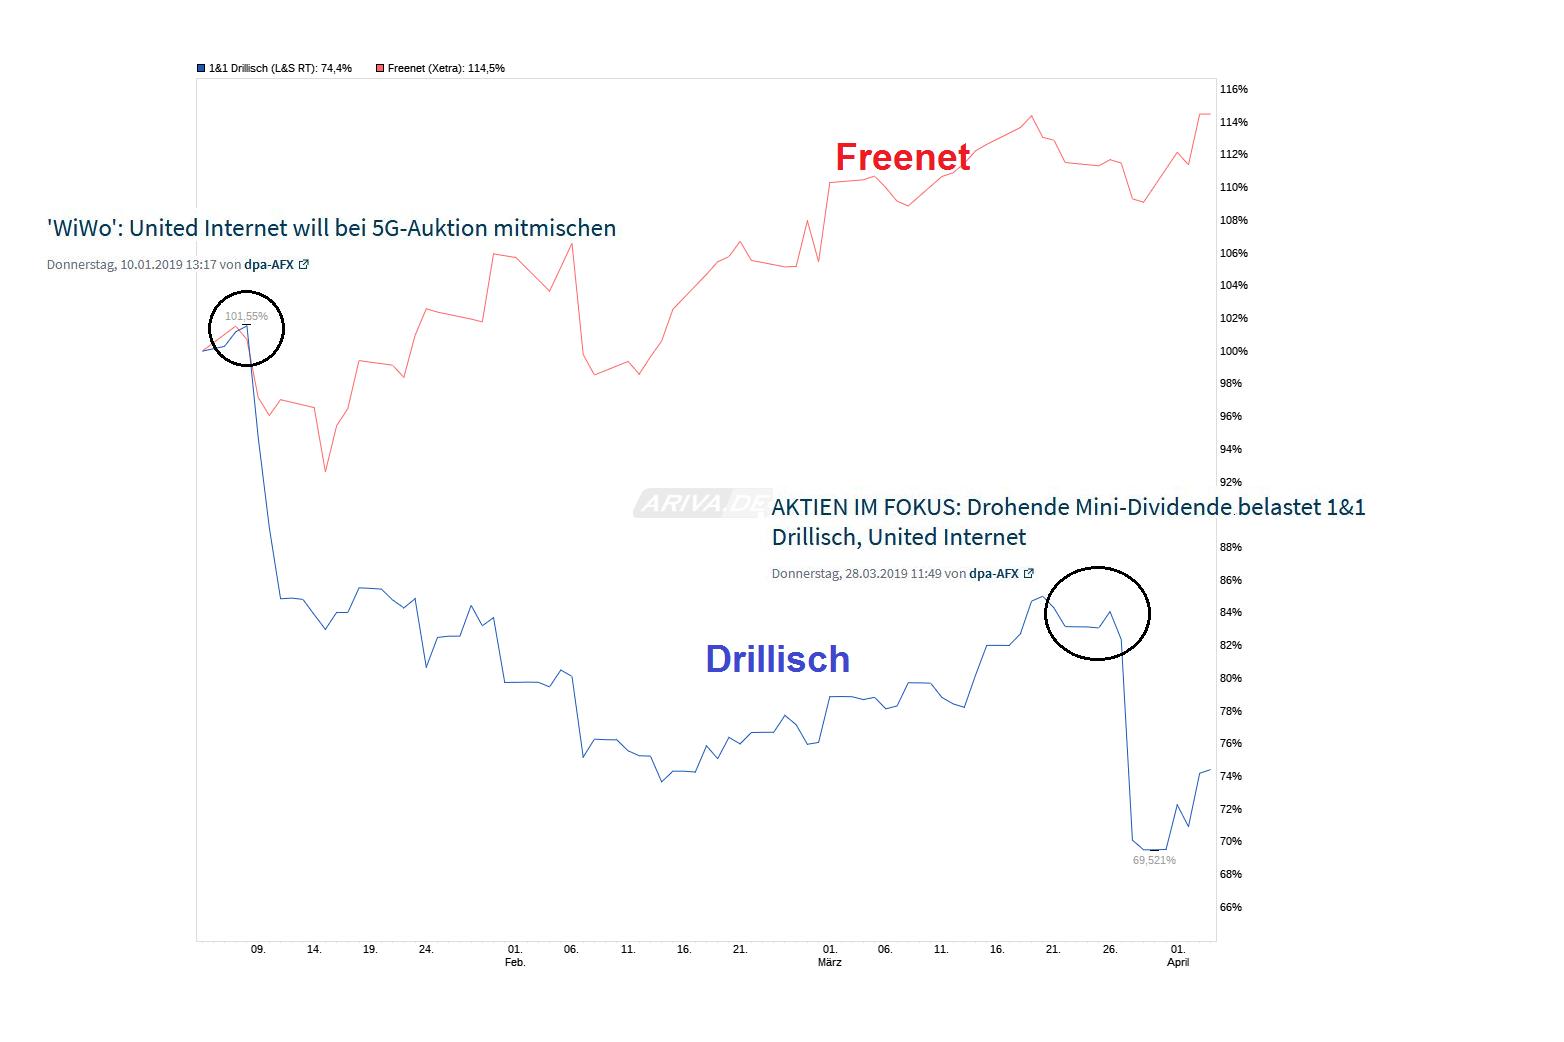 chart_quarter_11drillisch.png